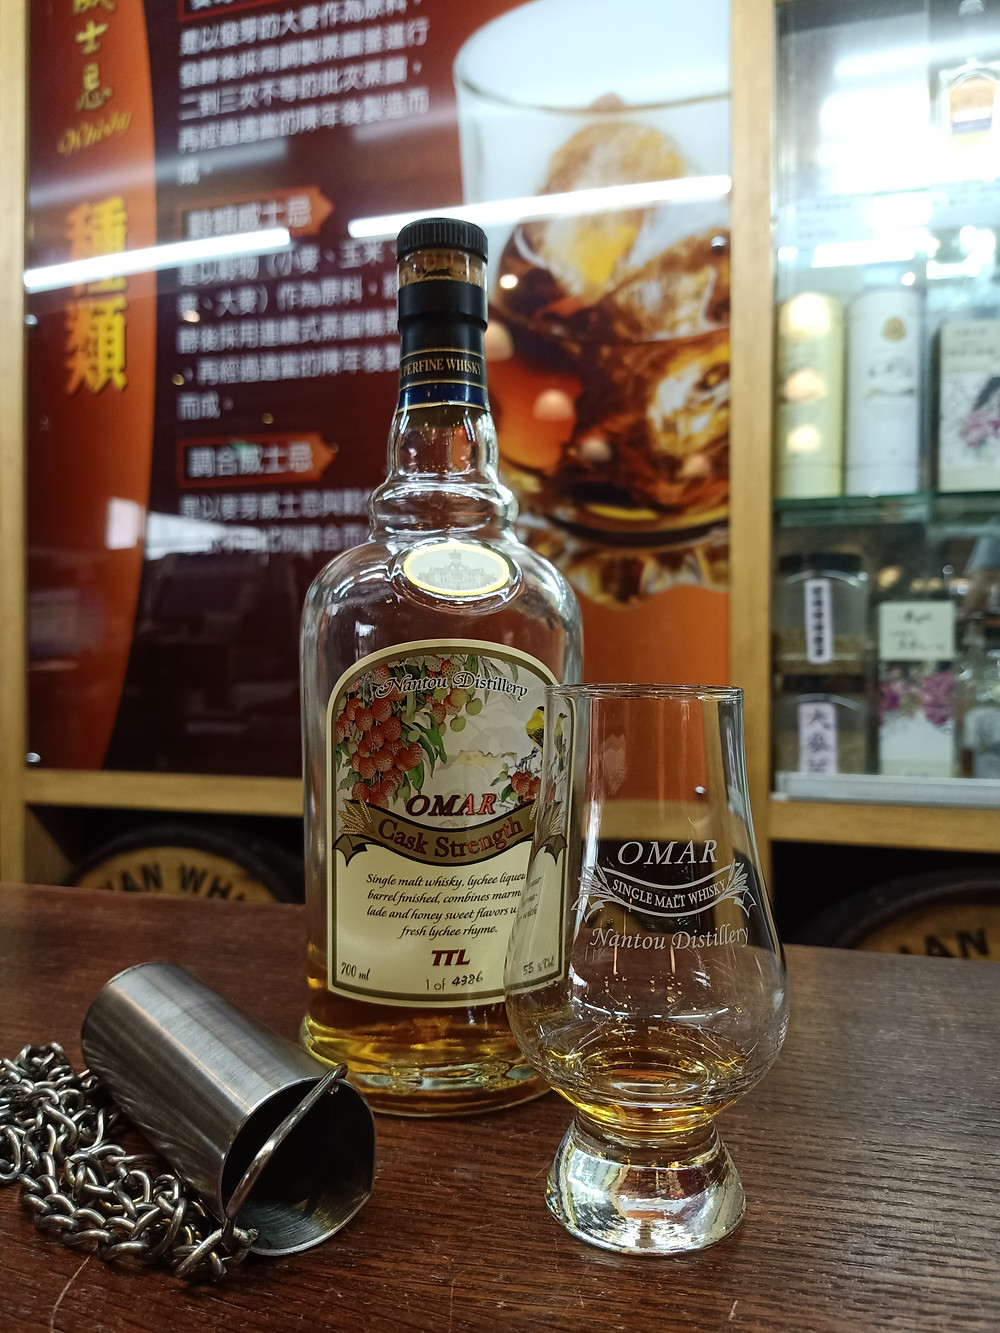 Omar Cask Strength Single Malt Whisky finished in Lychee Liqueur Casks